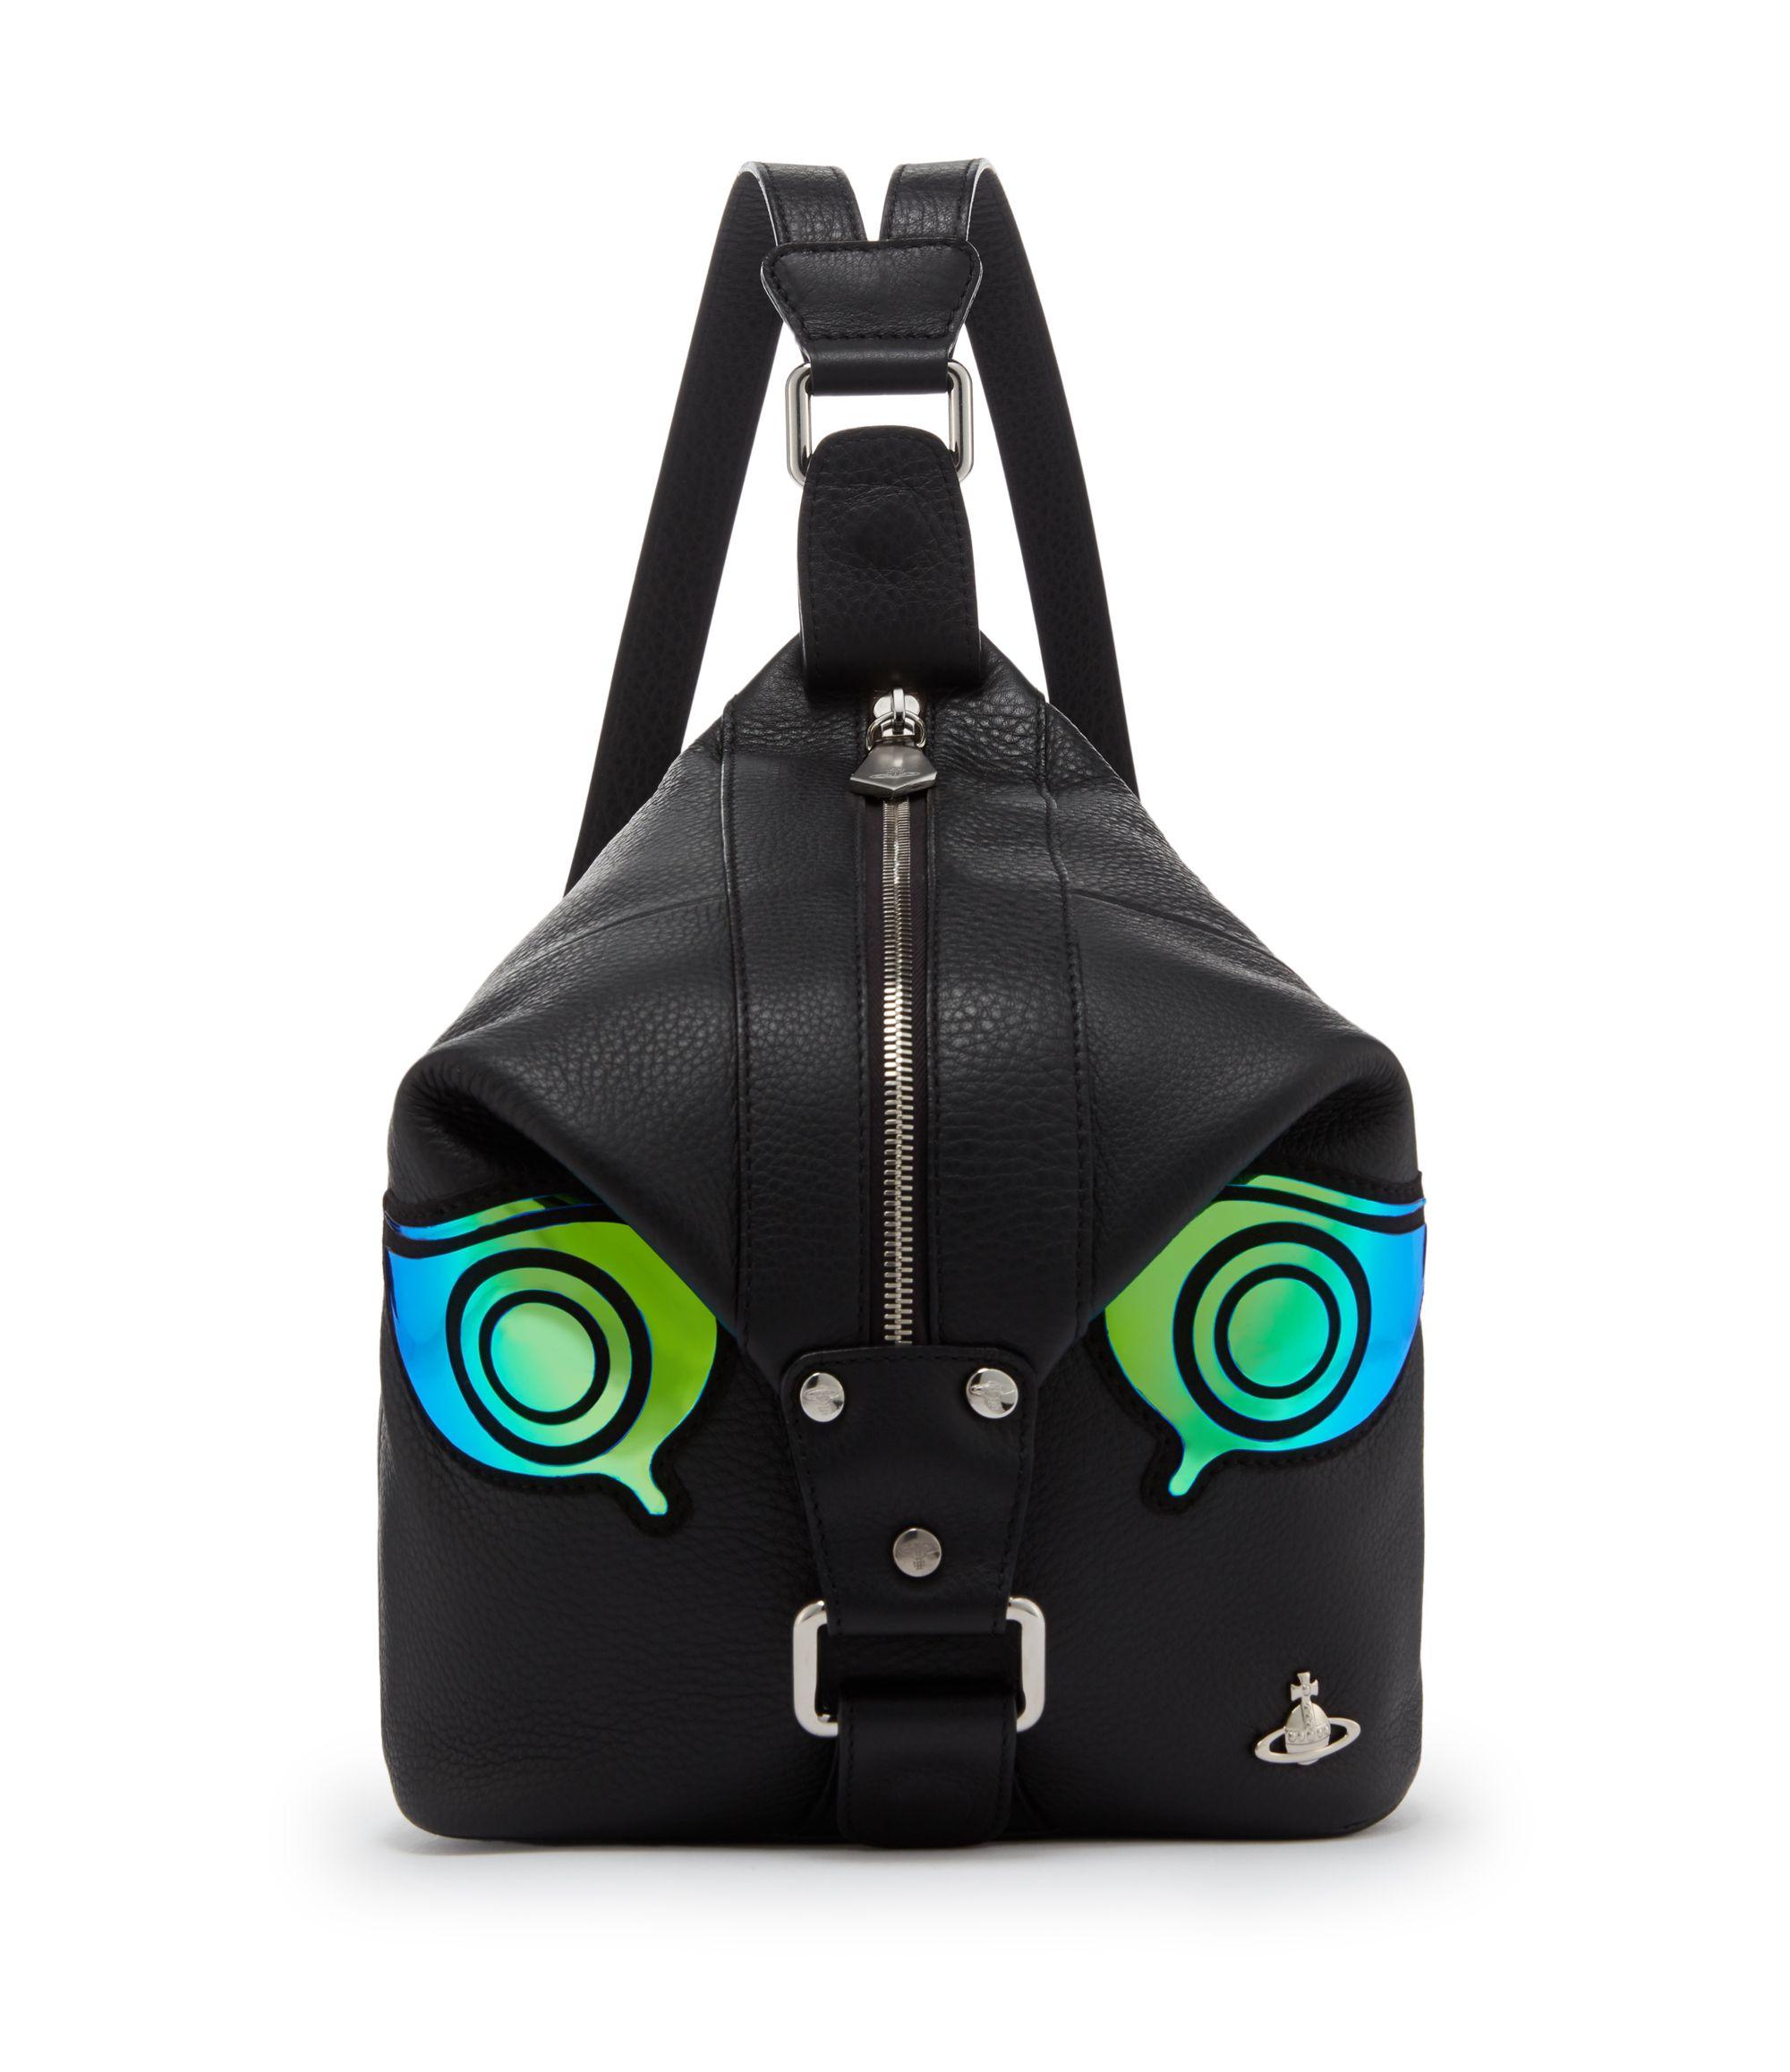 ded49d8d28 Black New Greek Eye Bag 7221 | bags | Bags, Vivienne westwood bags ...